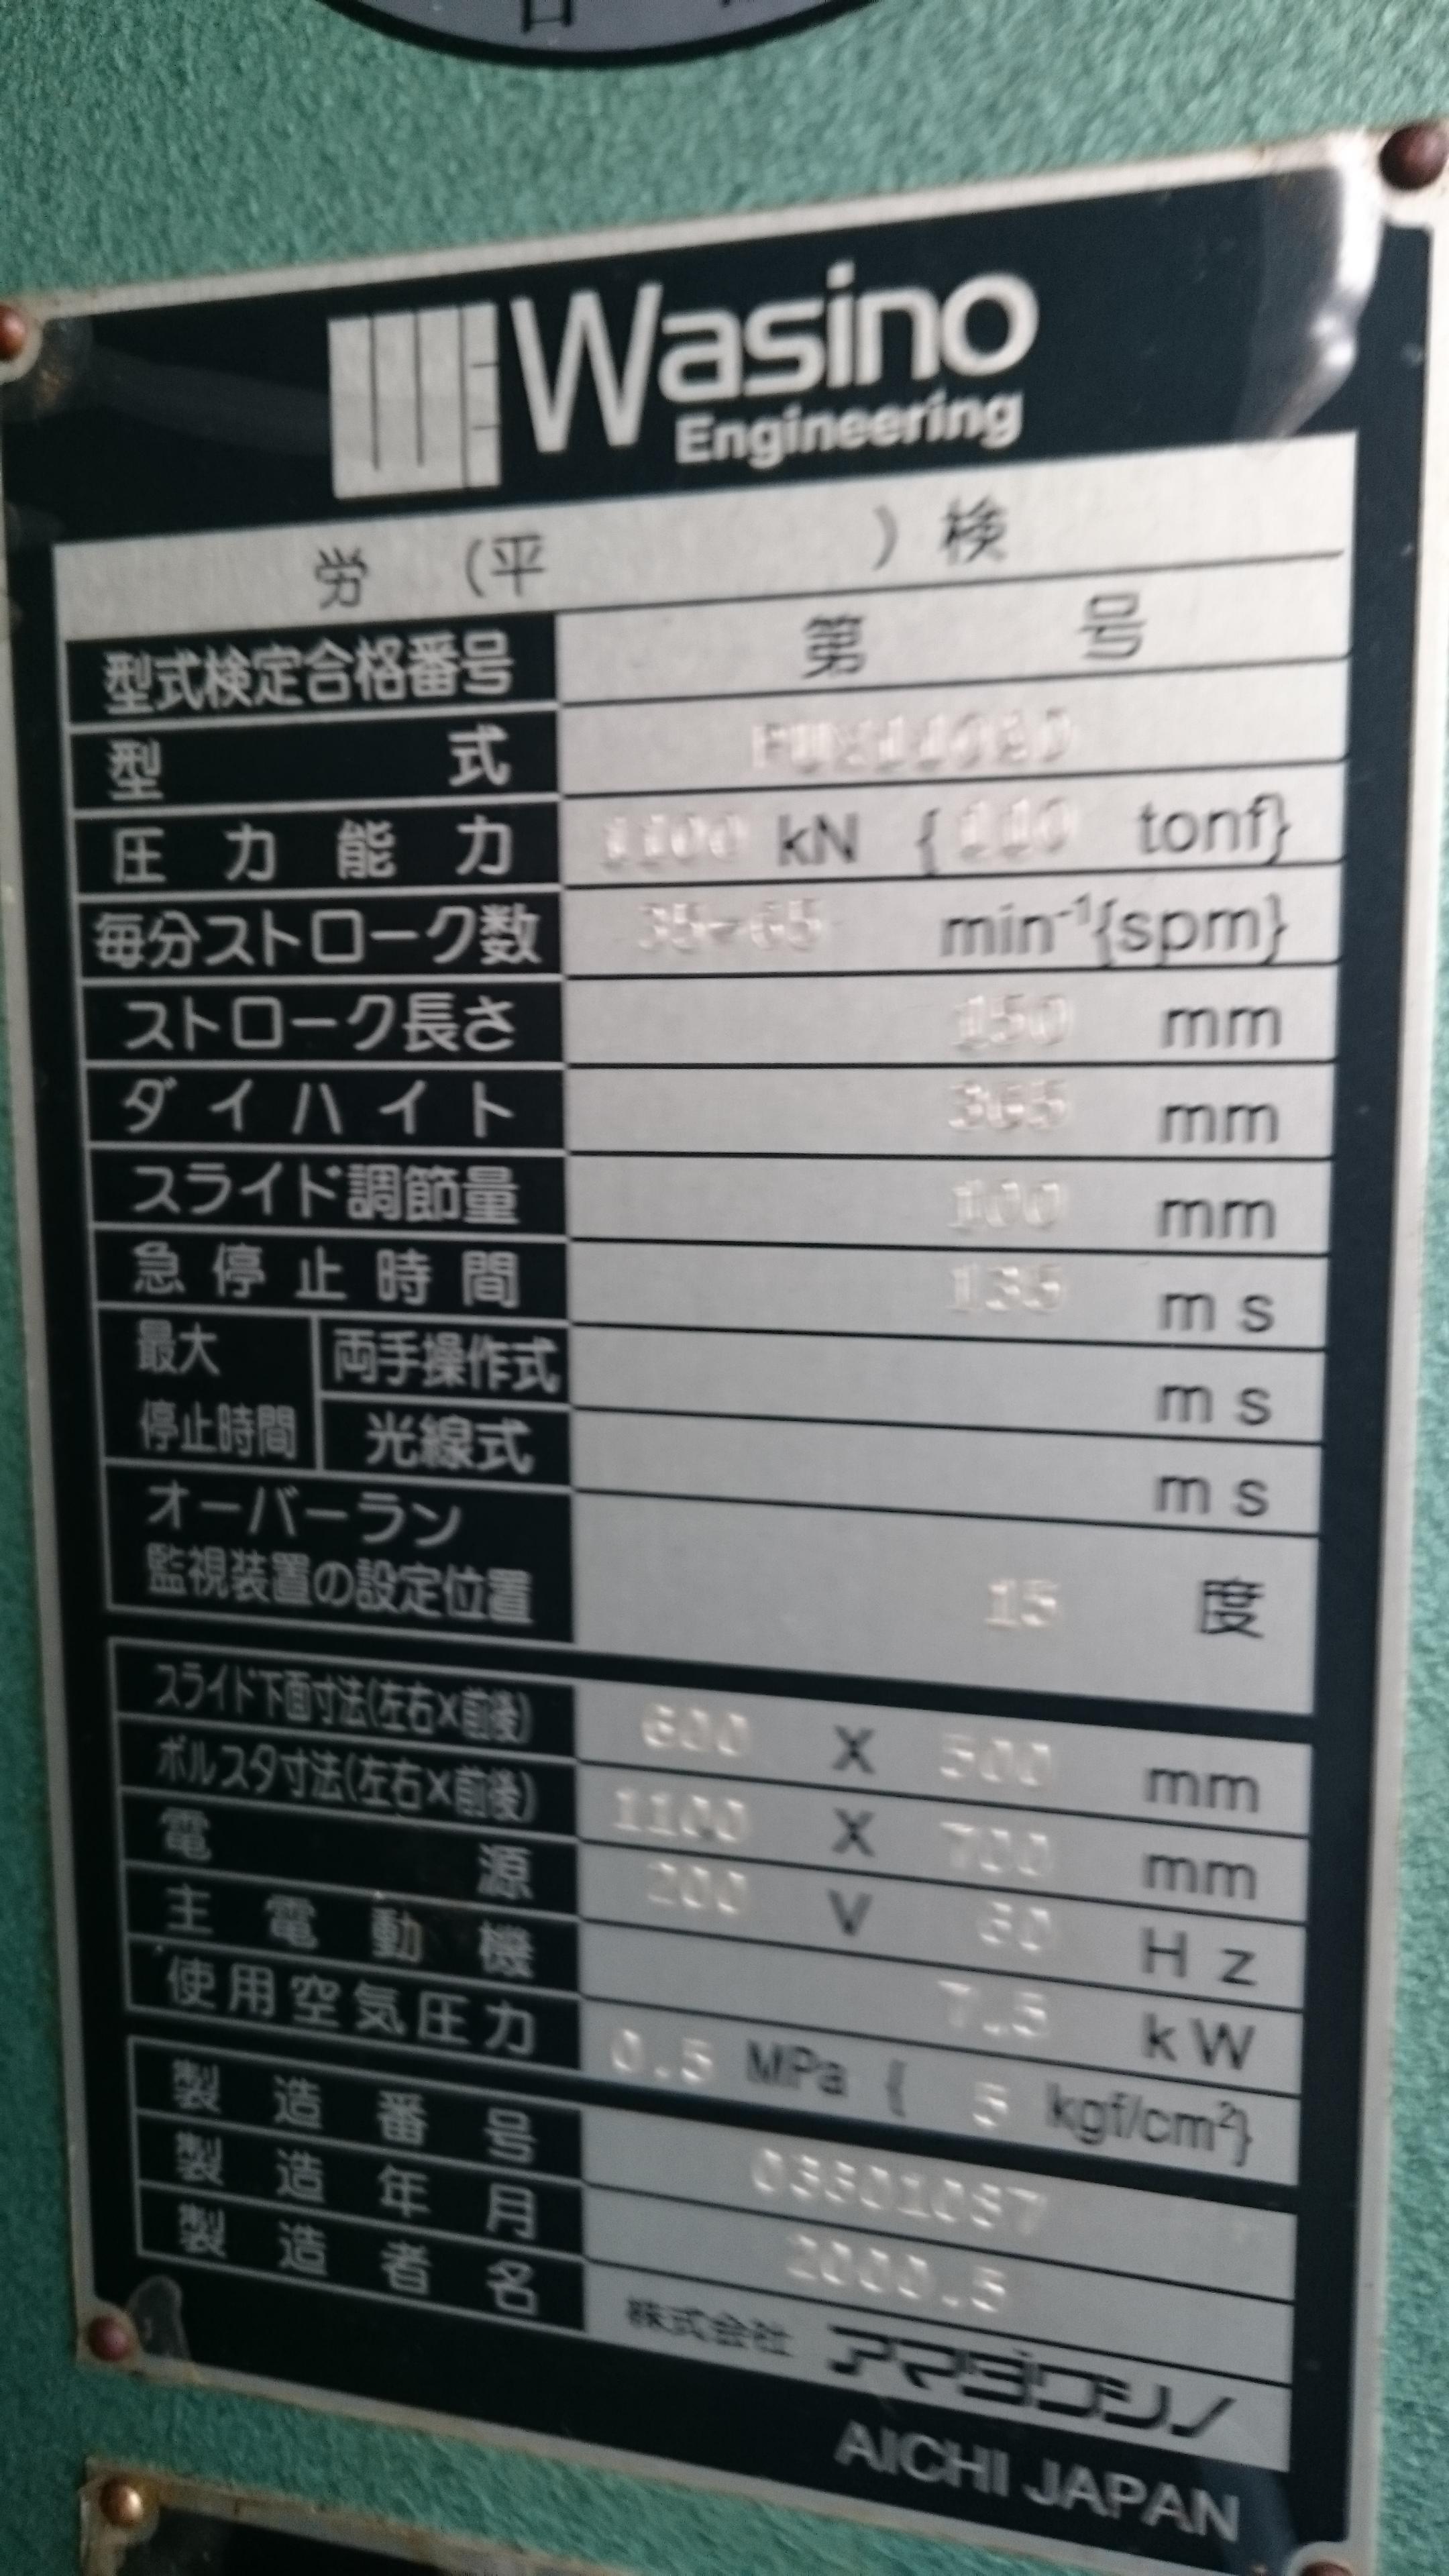 ワシノ_PUX-110AD_110Tプレス